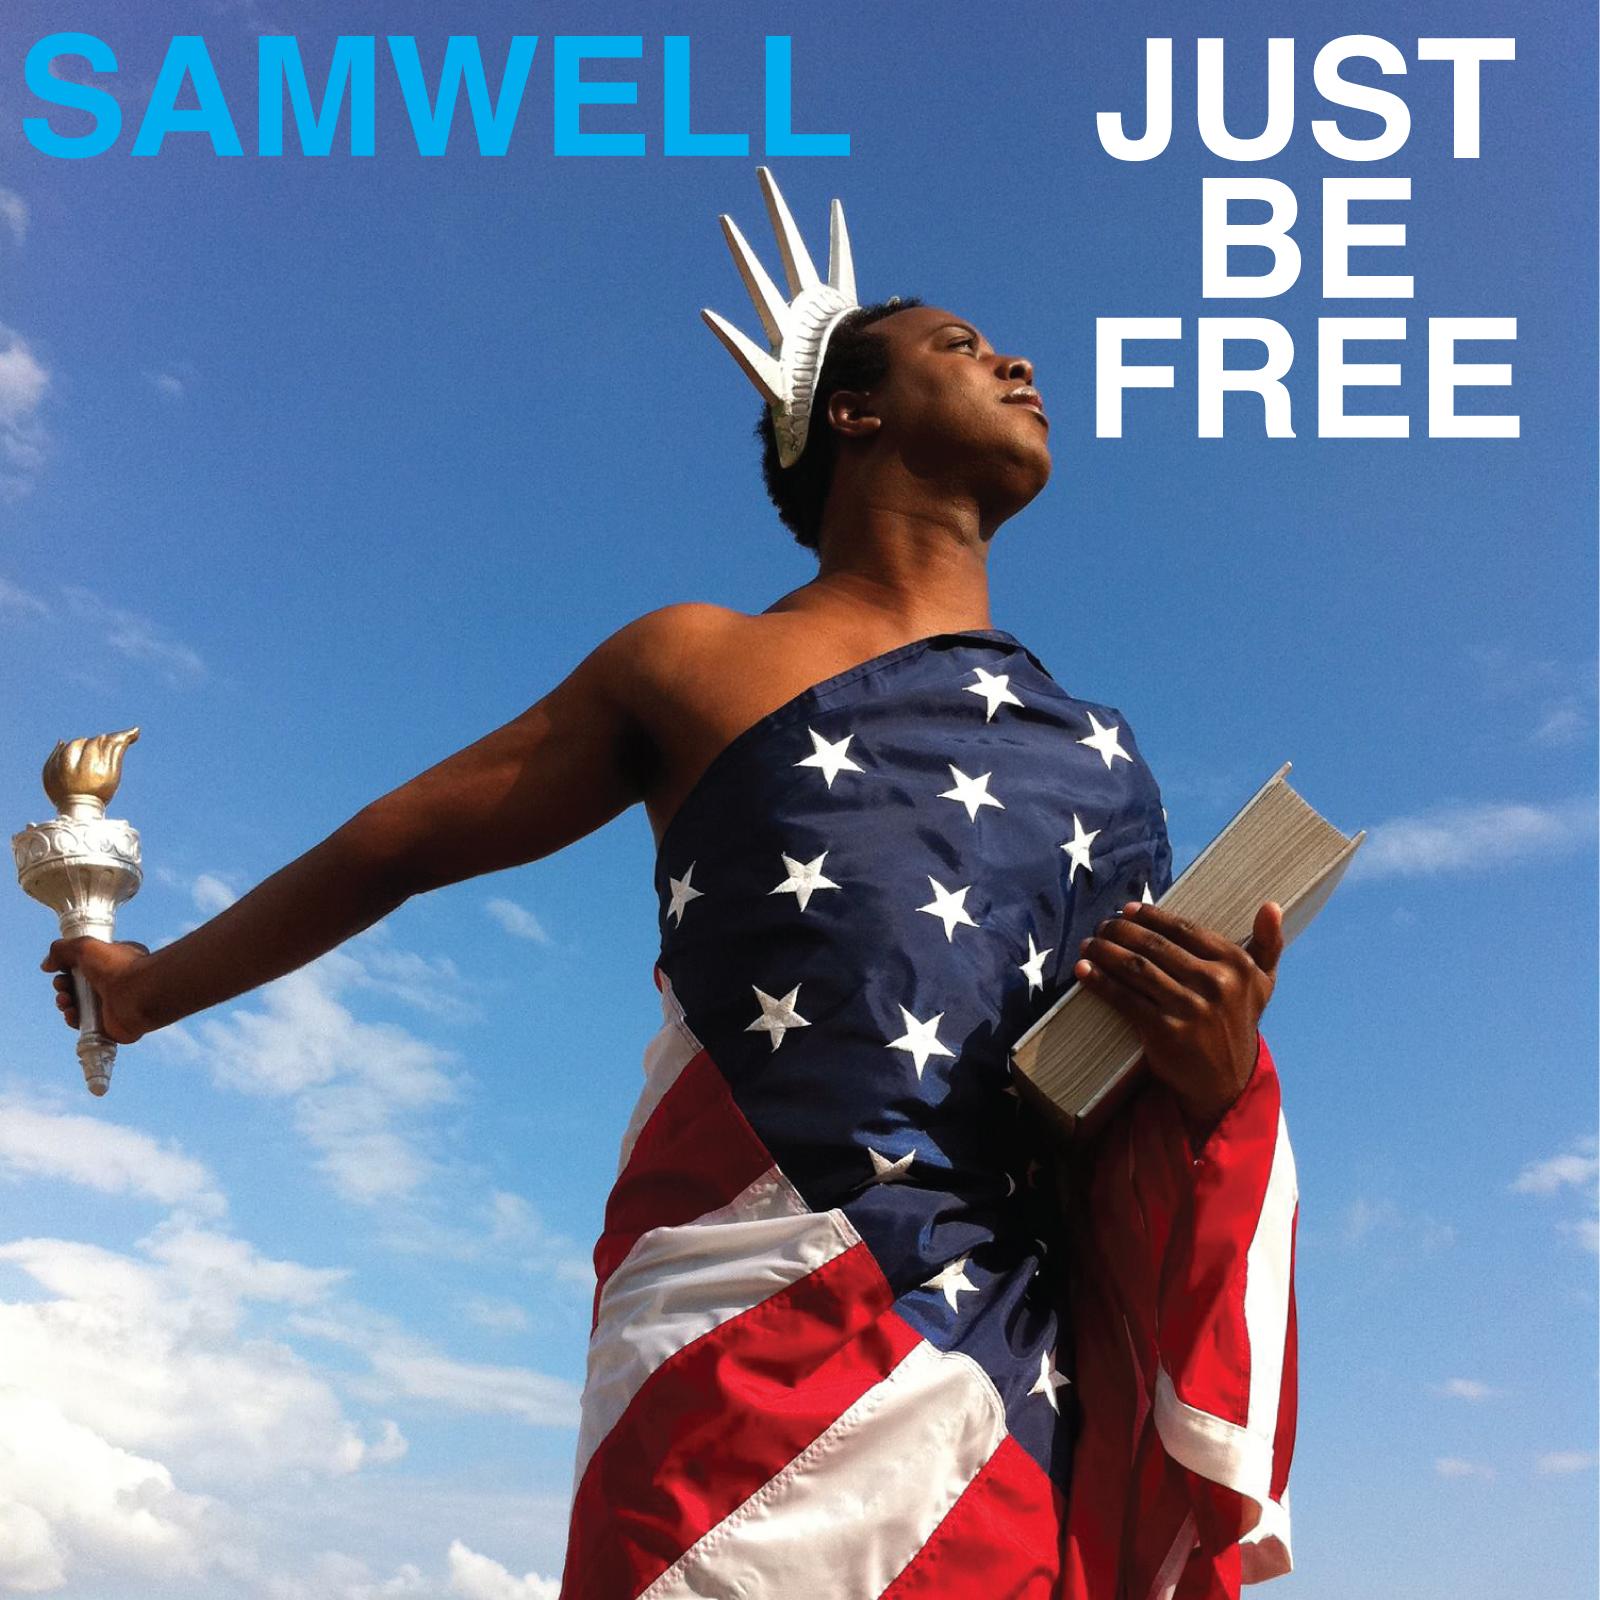 JBF.Samwell.print1.2